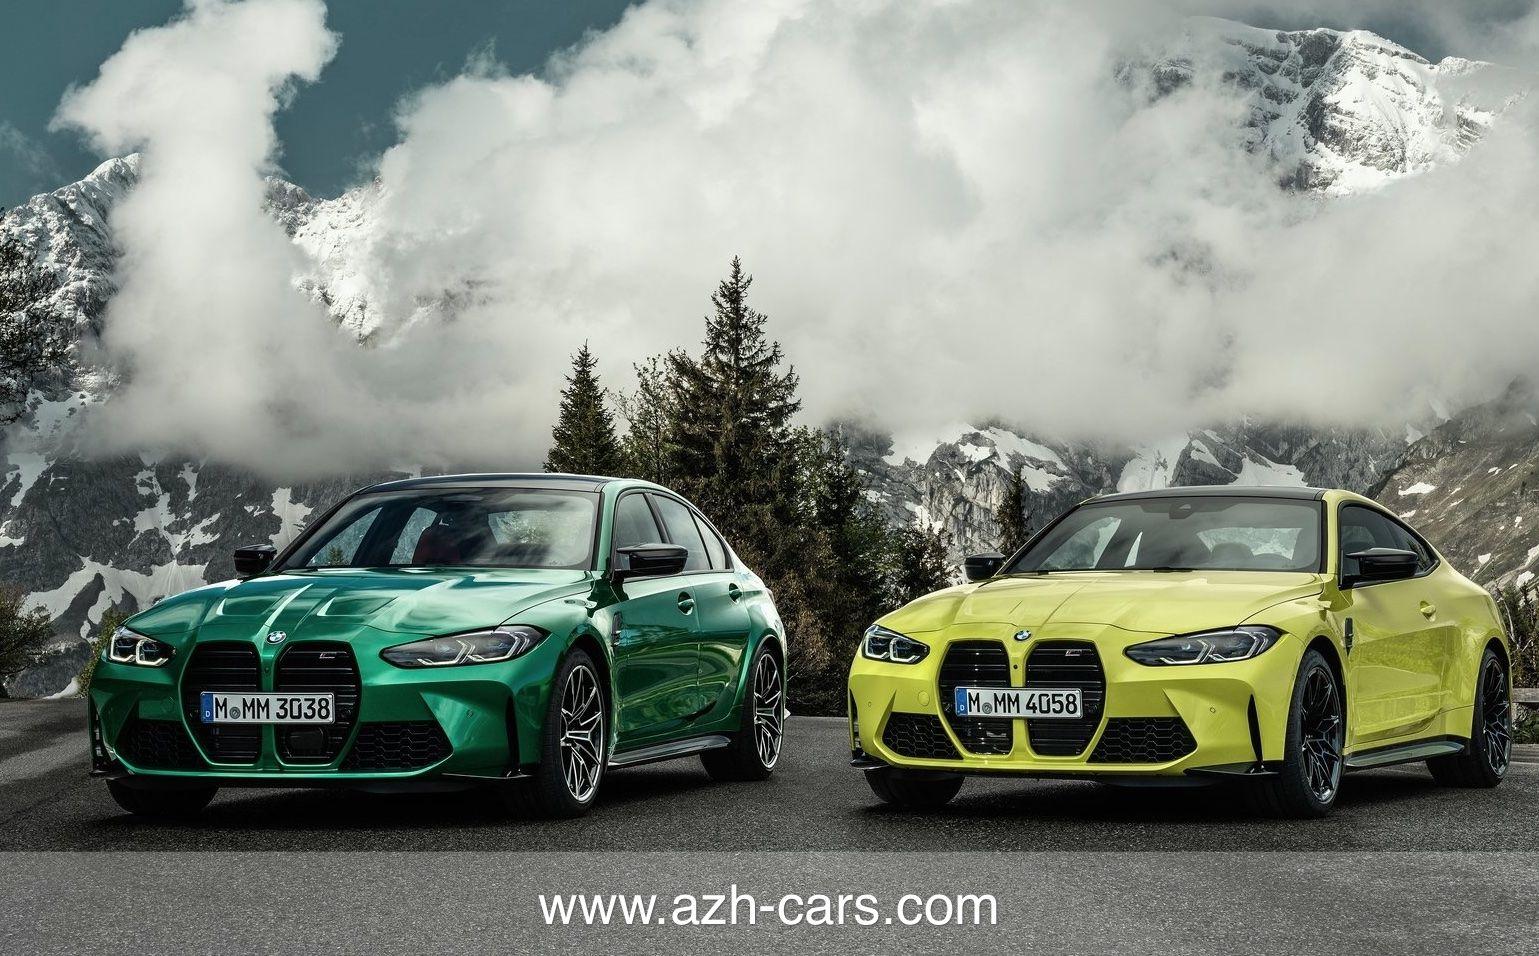 2021 Bmw M3 Sedan Competition In 2020 Bmw M3 Sedan Bmw M3 New Bmw M3